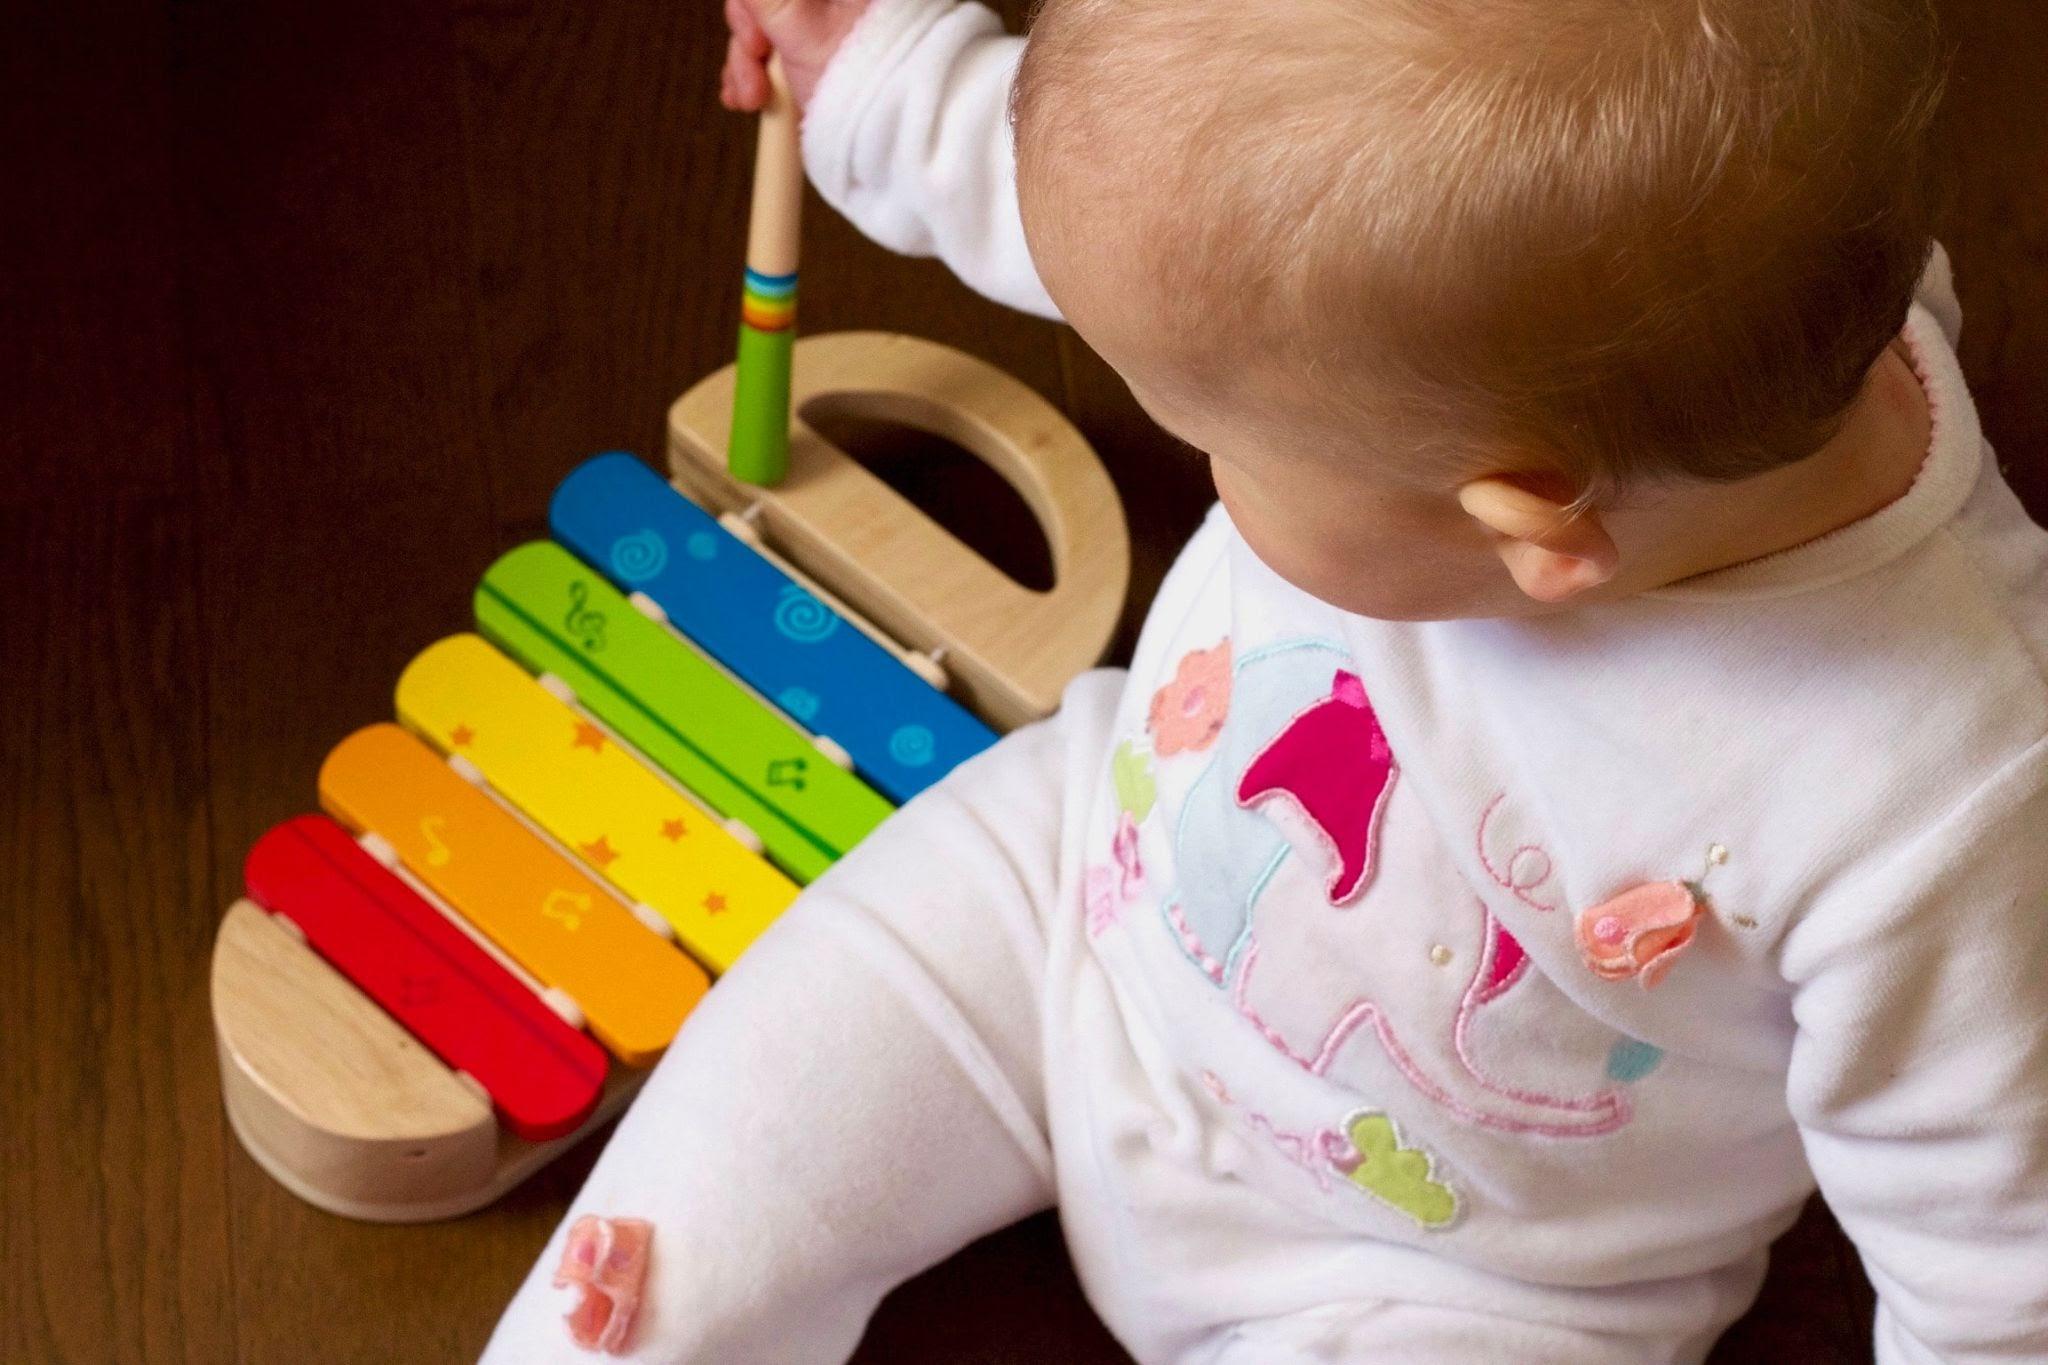 Kaip išrinkti dovaną kūdikiui